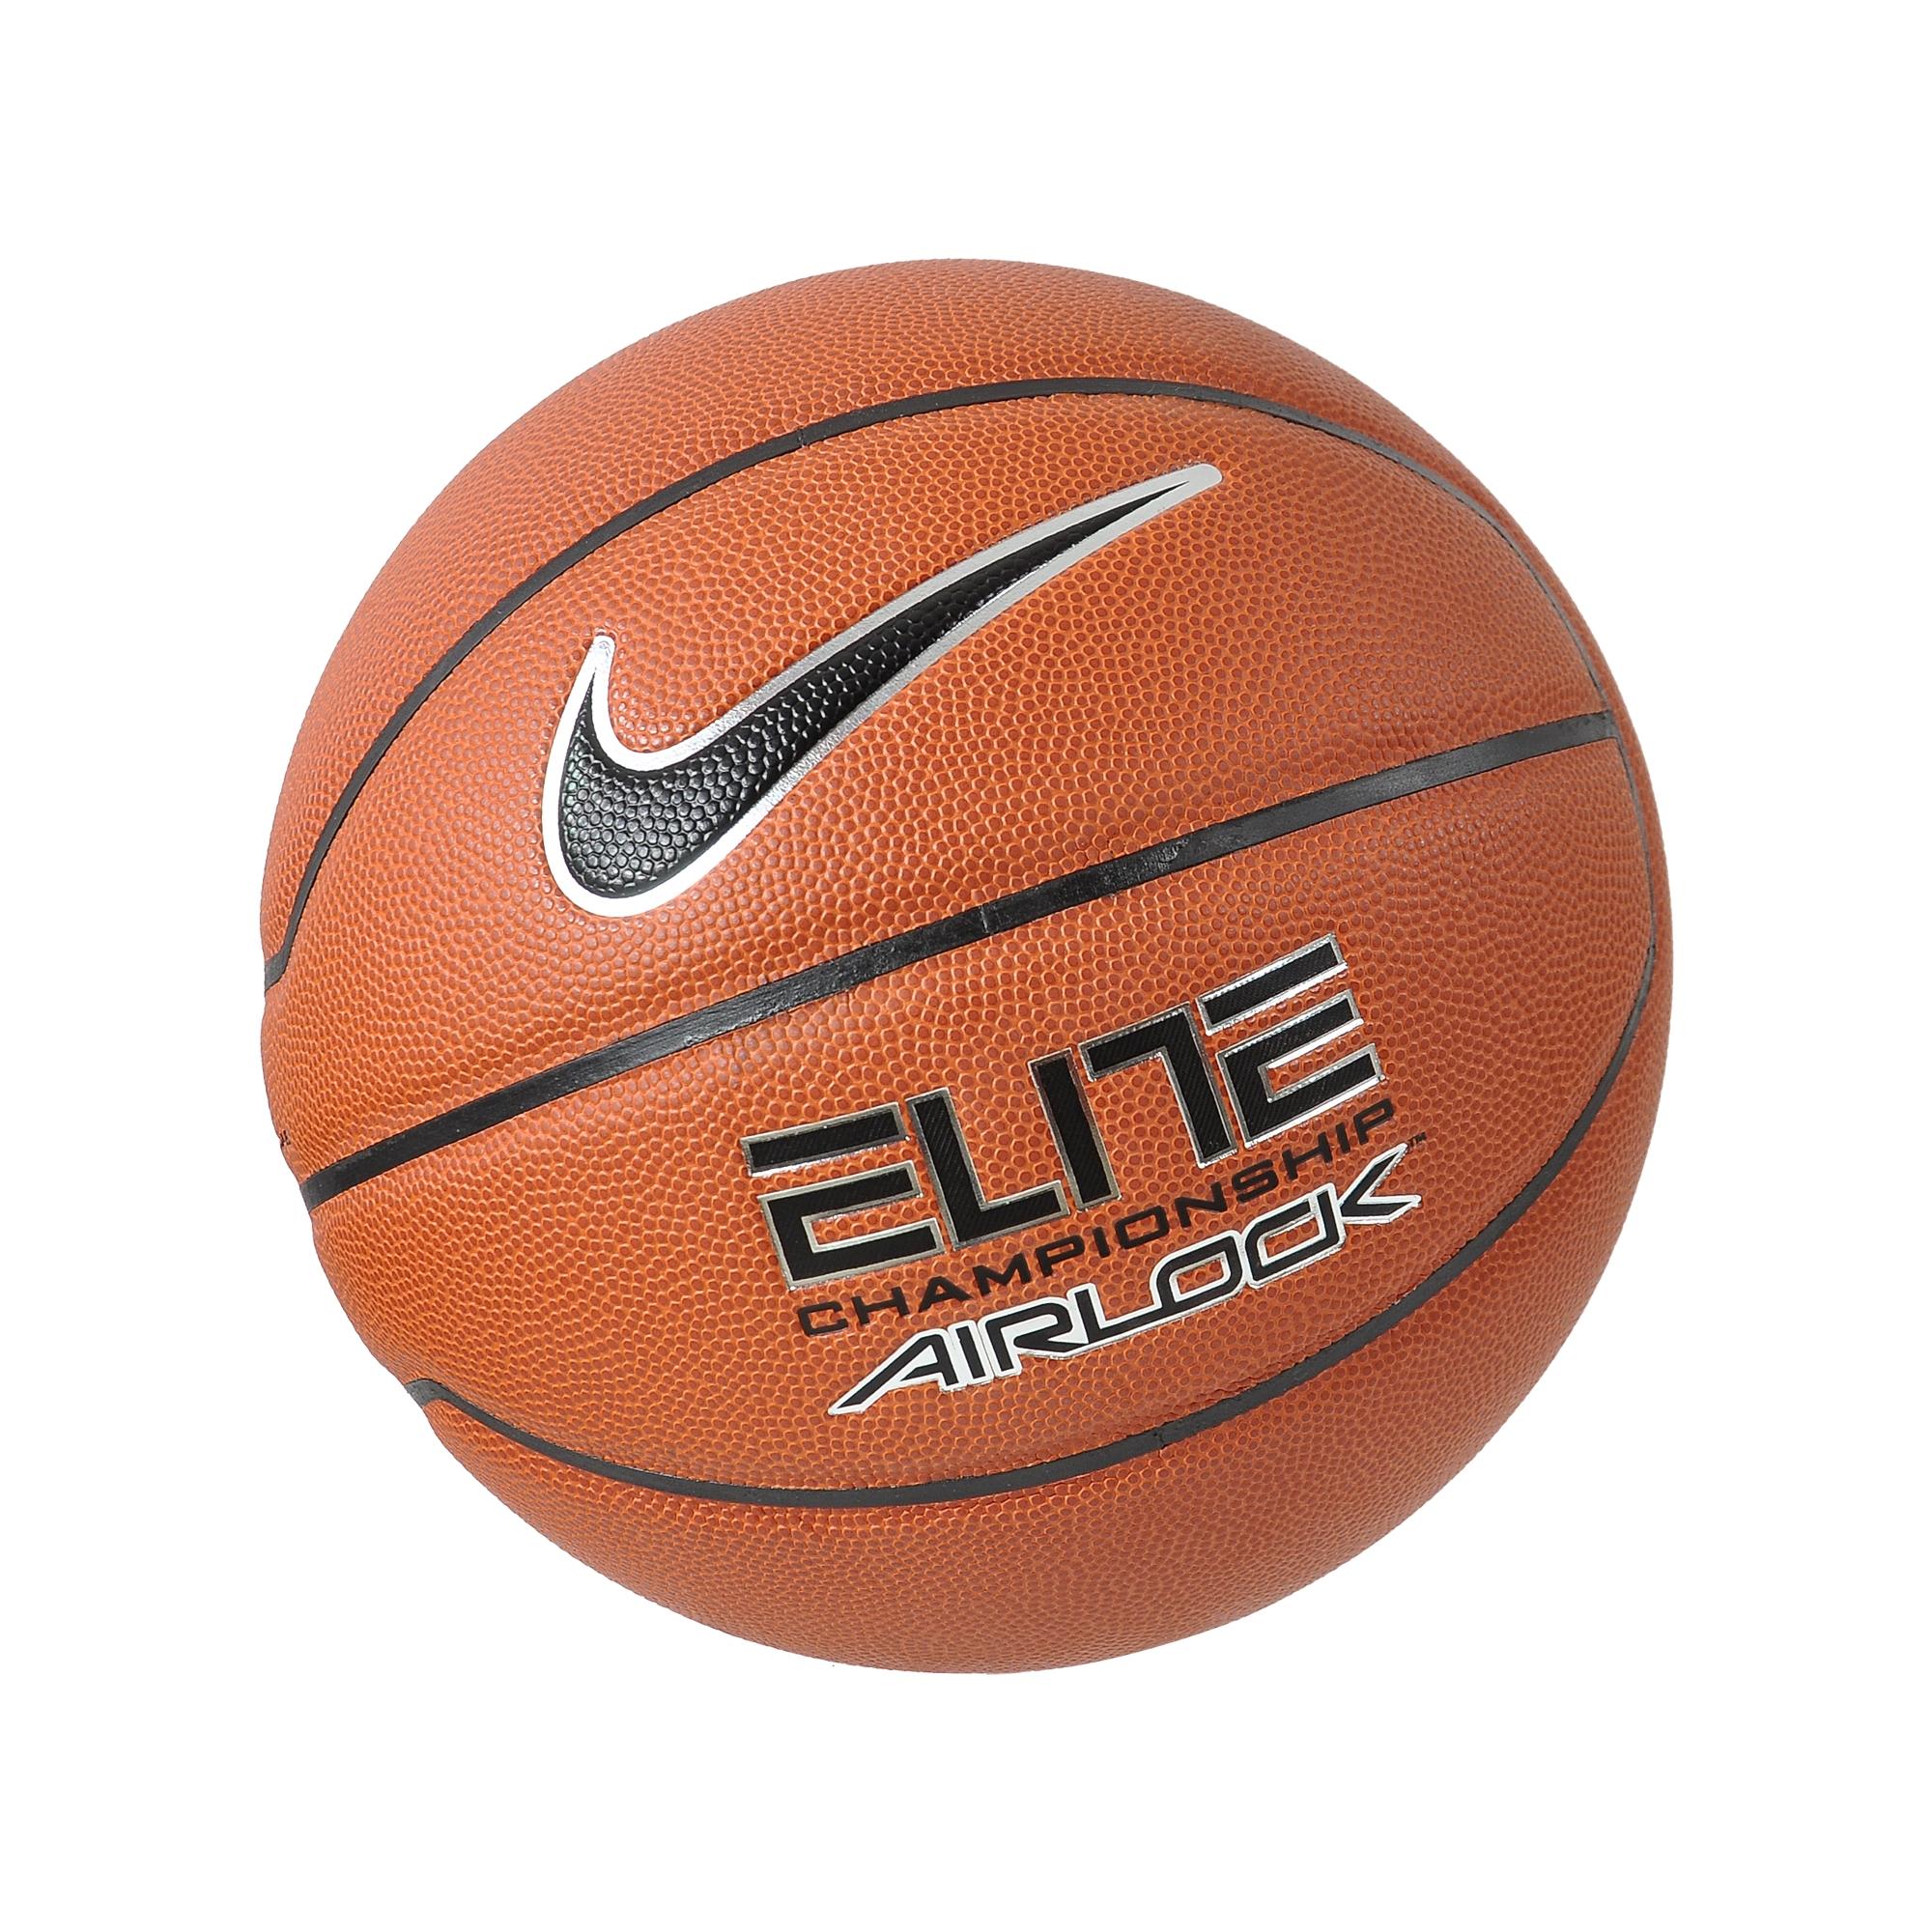 Nike Elite Championship Airlock 4P-7 Basketbol Topu